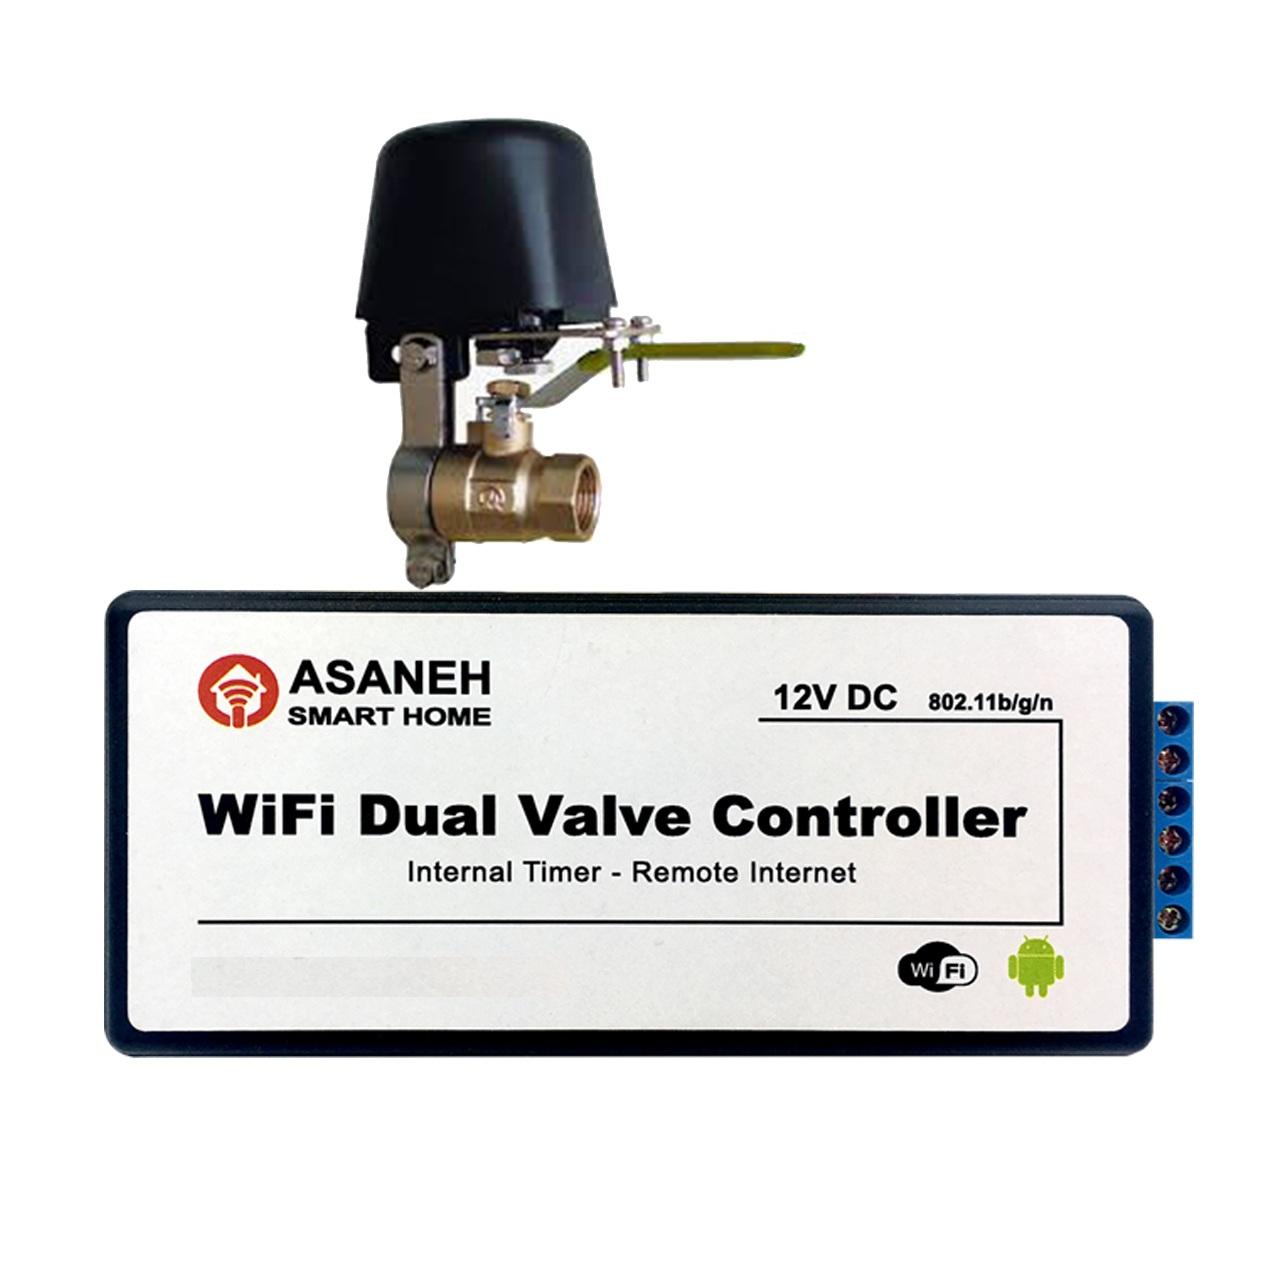 بررسی و خرید [با تخفیف]                                     پک کنترلر آبیاری هوشمند آسانه مدل MV-T1                             اورجینال